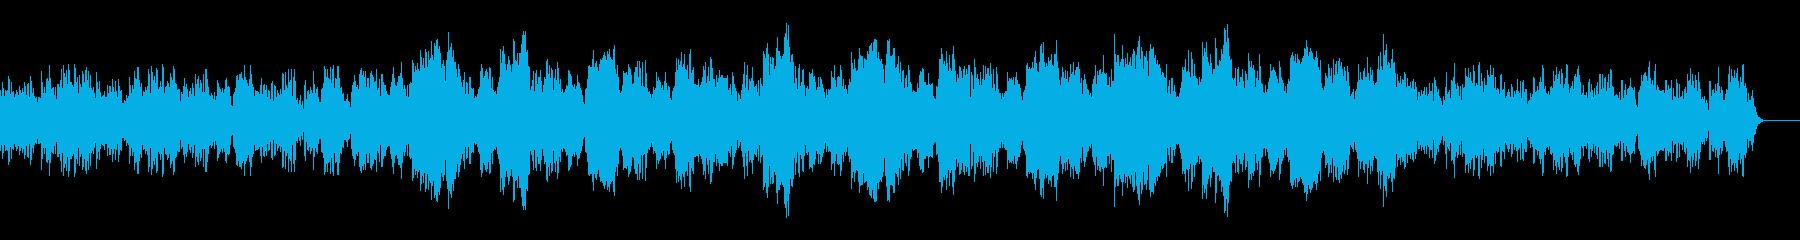 ゆったりとした和風な曲の再生済みの波形